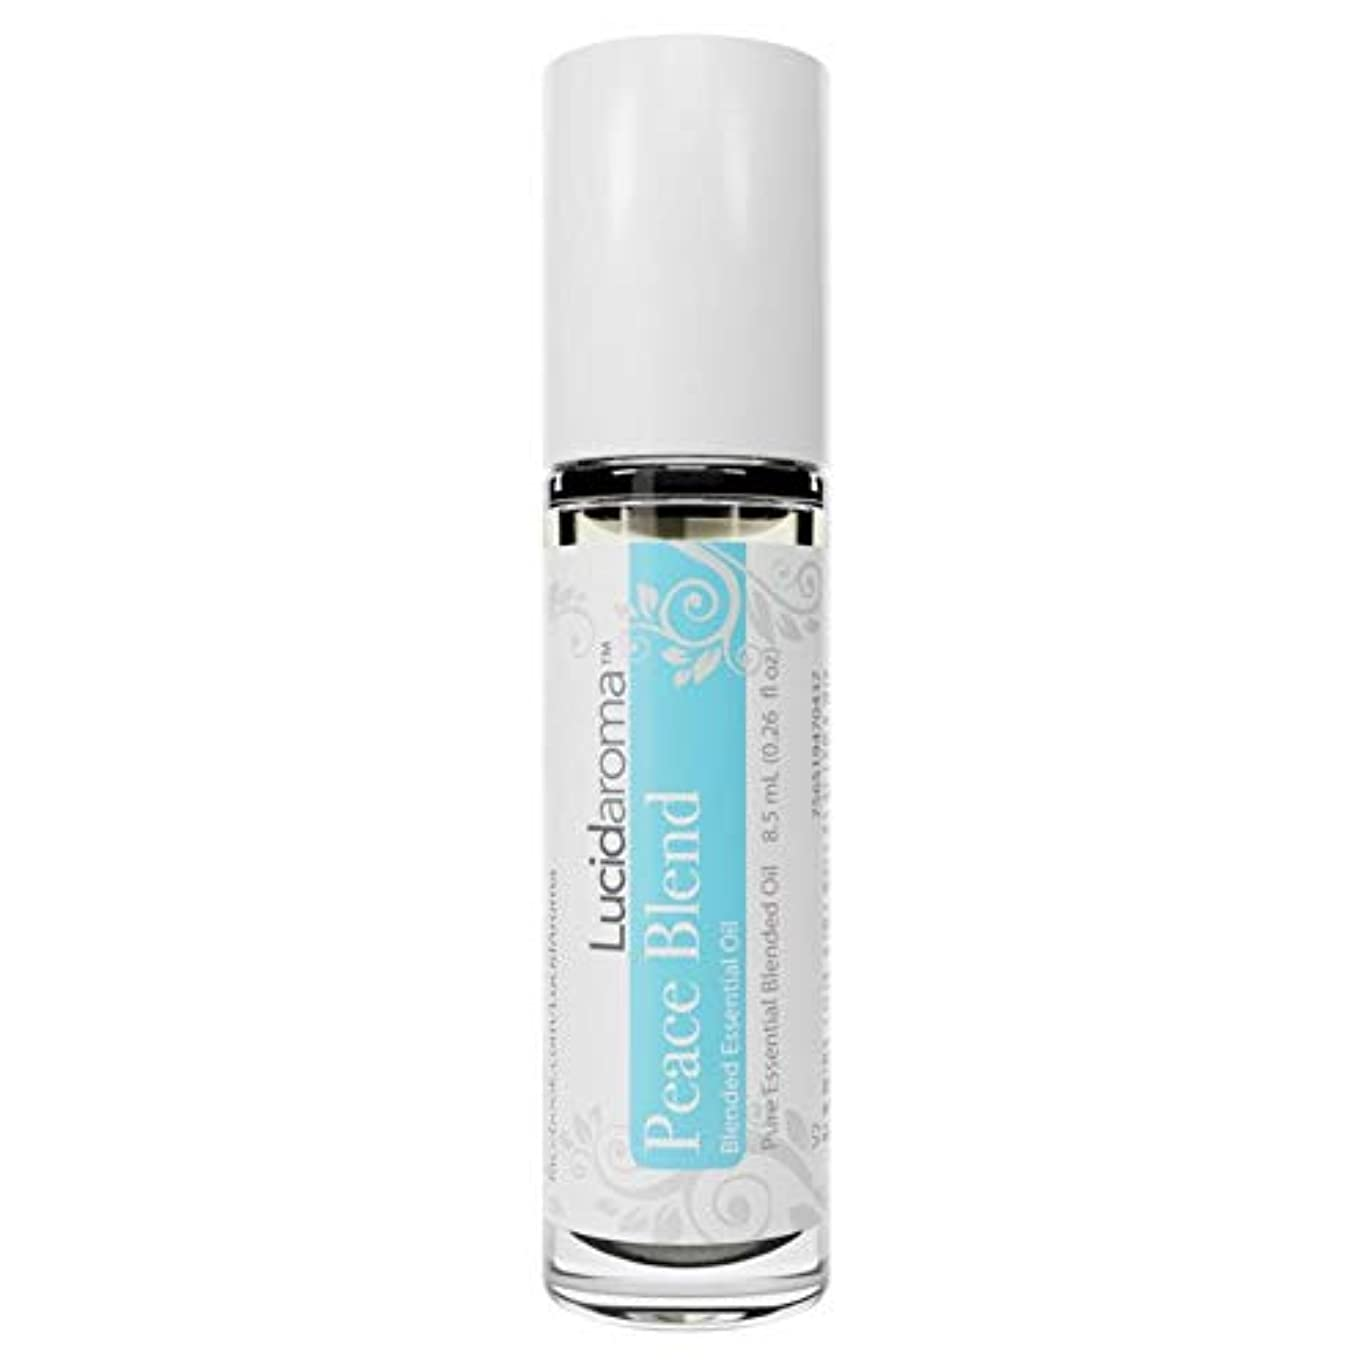 こんにちは同封する上にLucid Aroma Peace Blend ピース ブレンド ロールオン アロマオイル 8.5mL (塗るアロマ) 100%天然 携帯便利 ピュア エッセンシャル アメリカ製